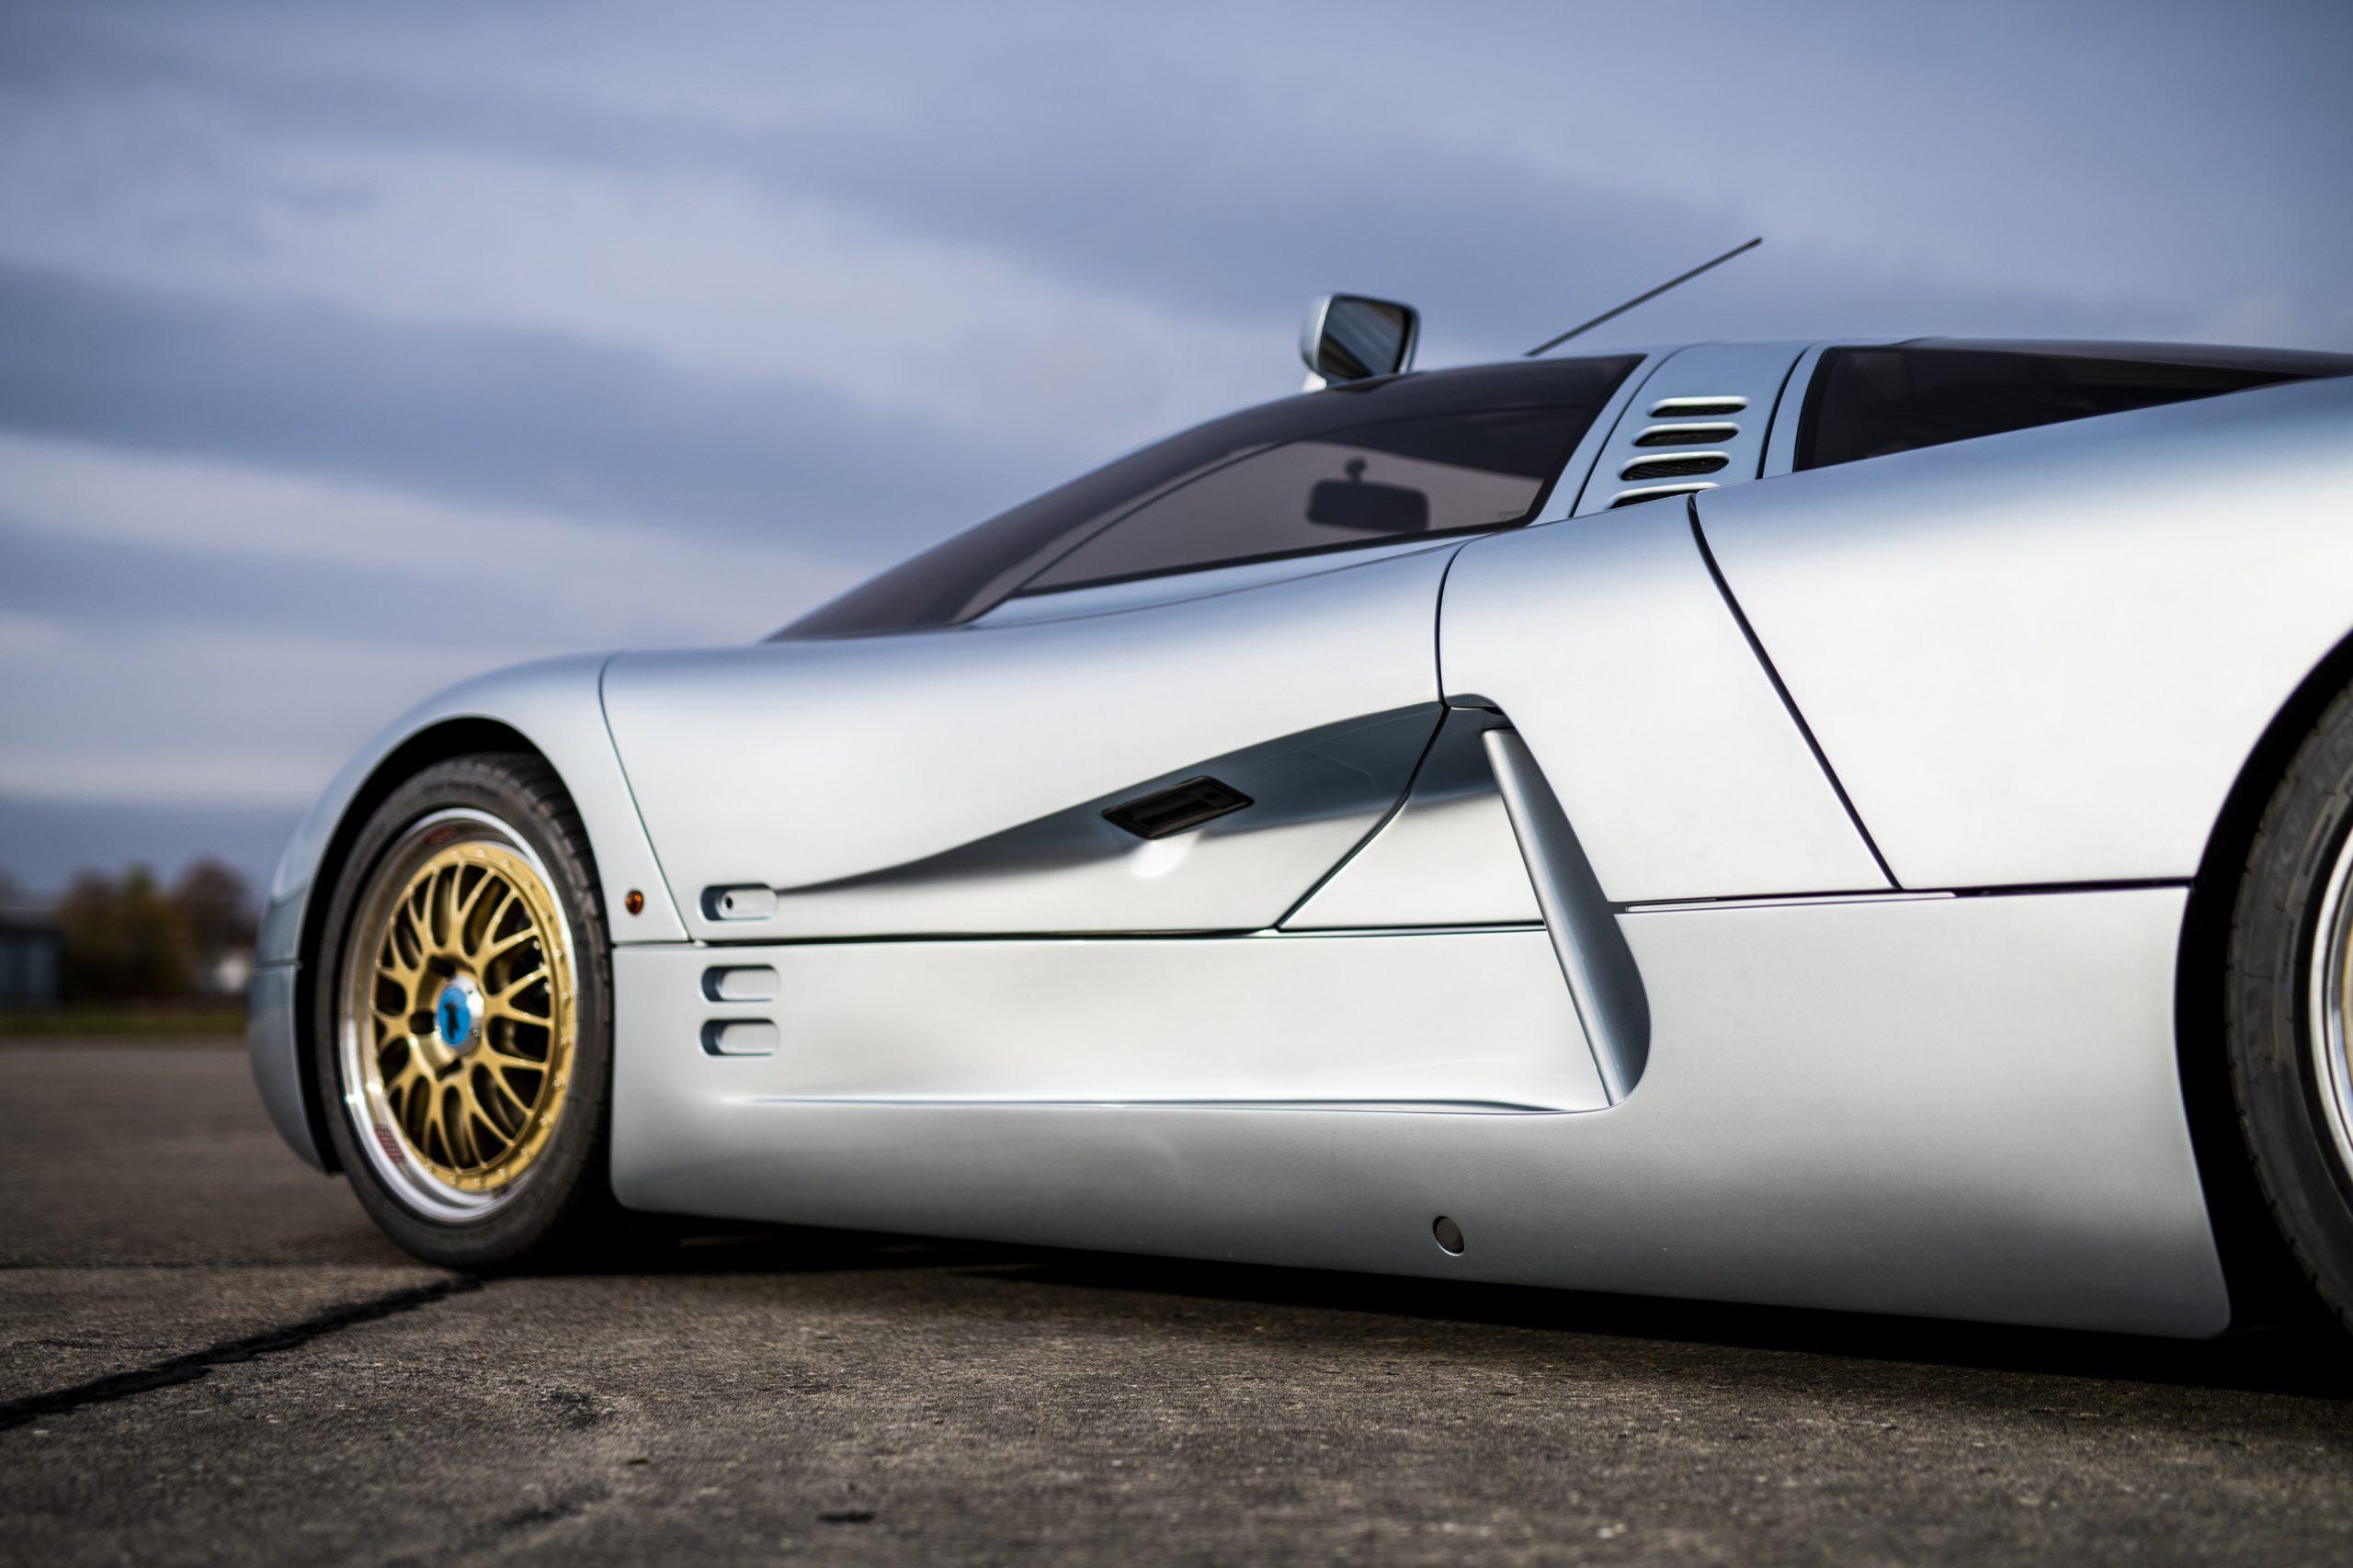 1993 Isdera Commendatore 112i aerodynamic side profile detail